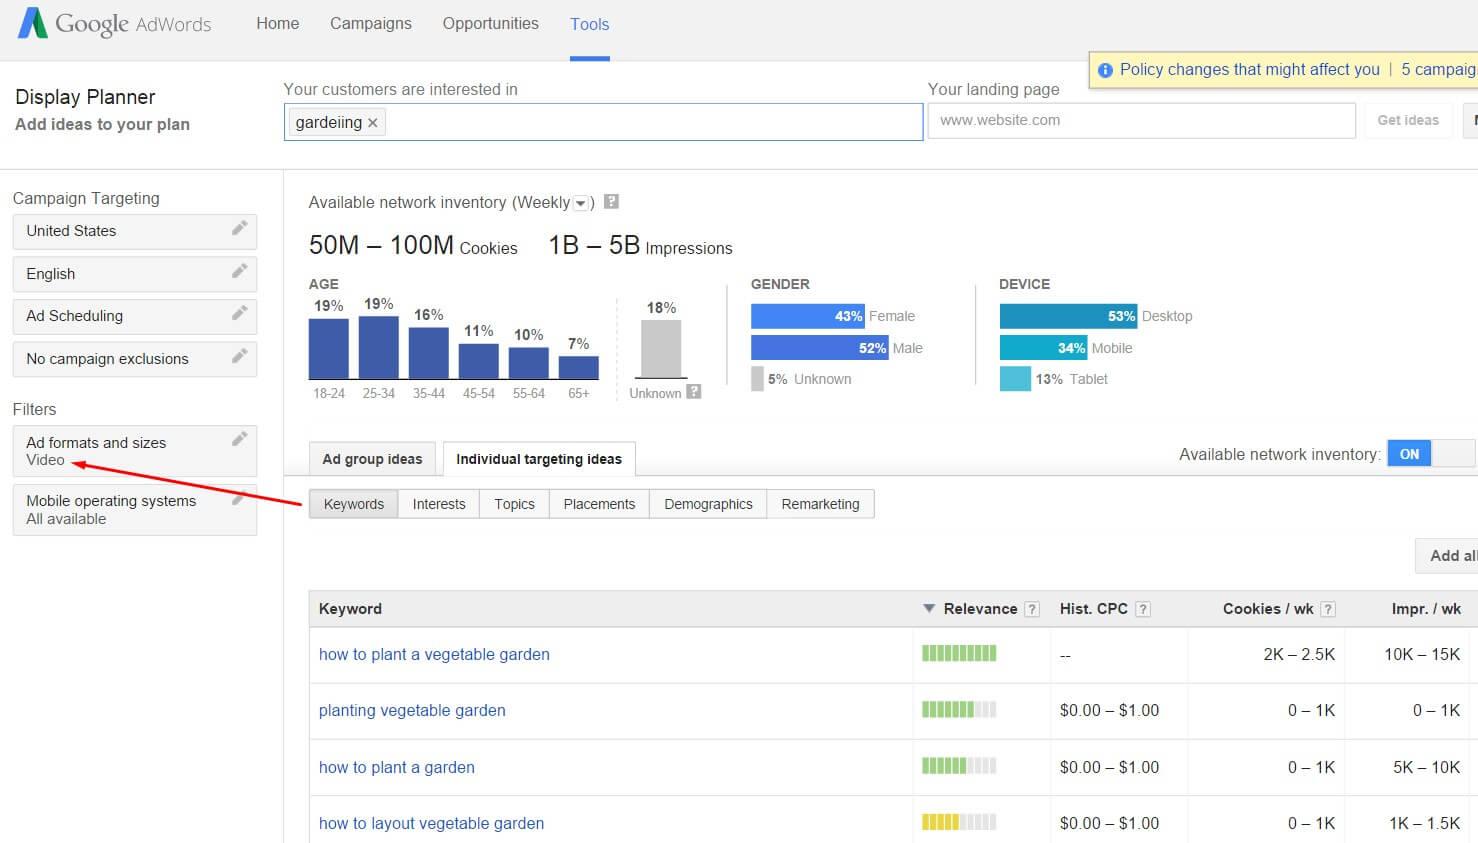 F:\work\7253\4\google-display-planner-video-keywords-youtube.jpg